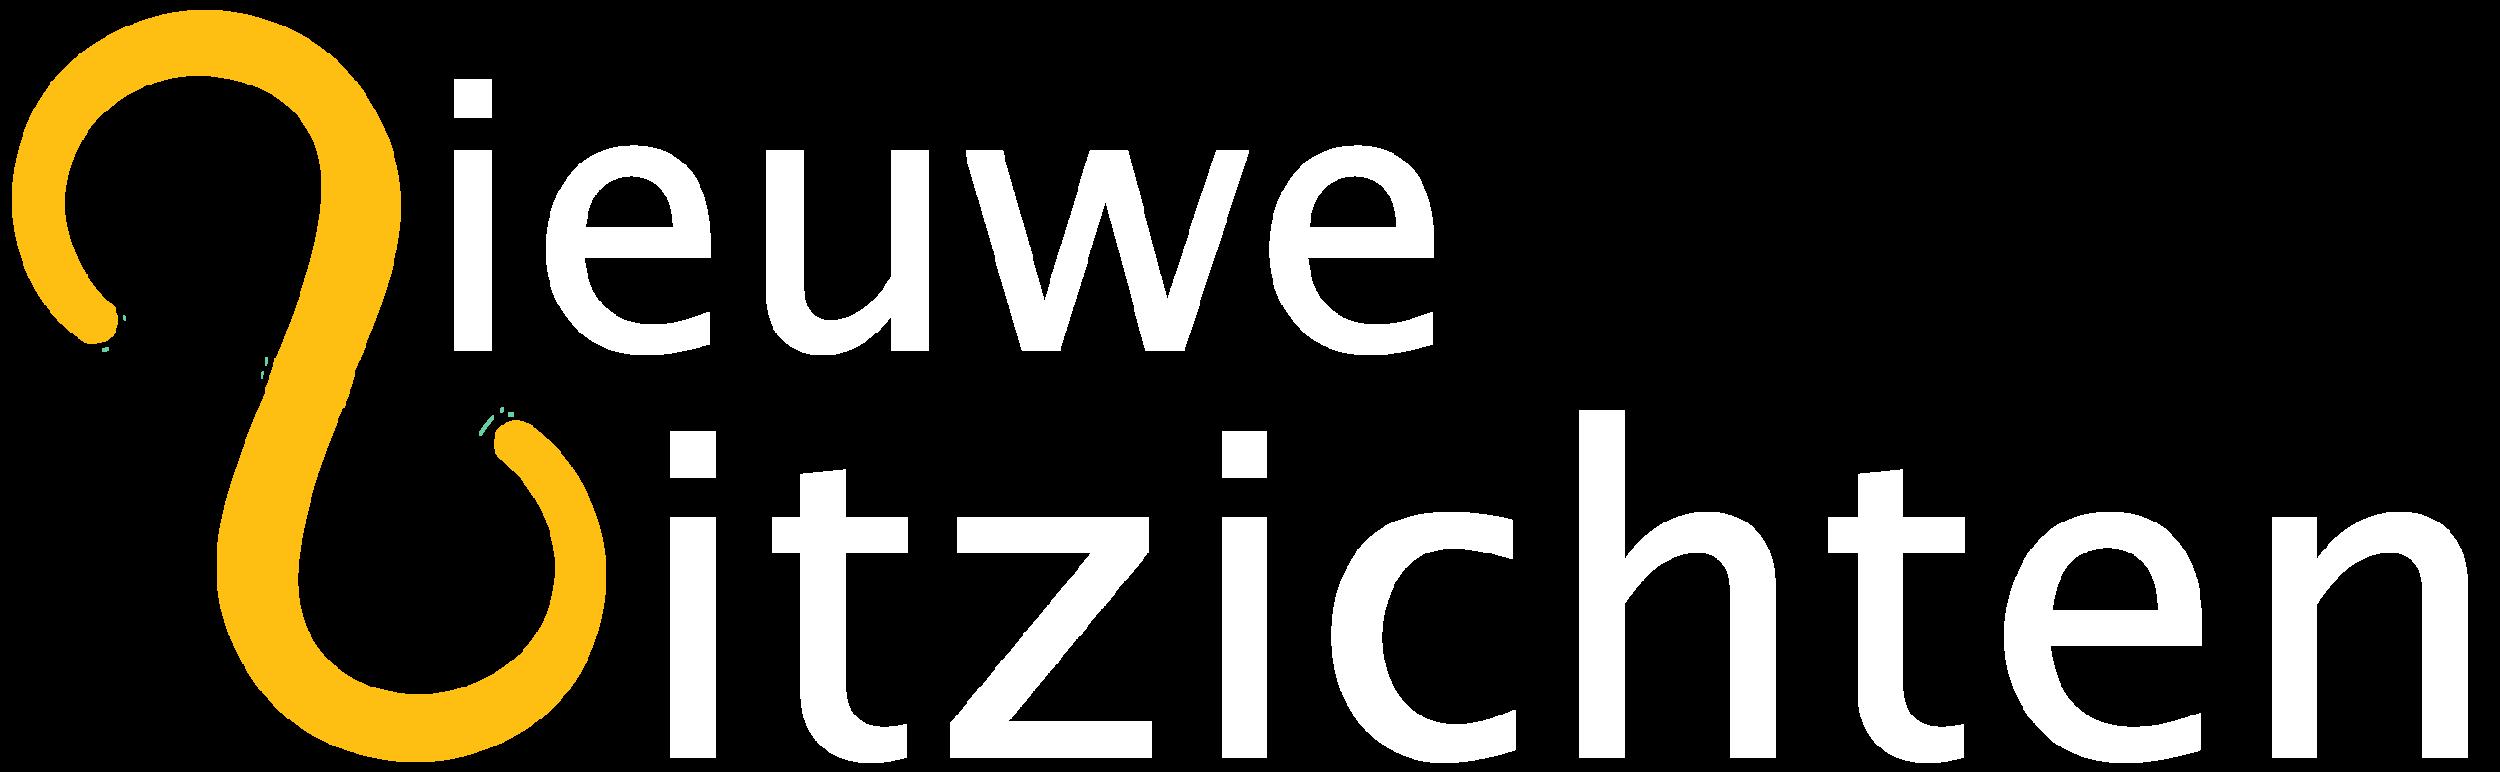 nieuwe uitzichten - logo + titel (op kleur).png